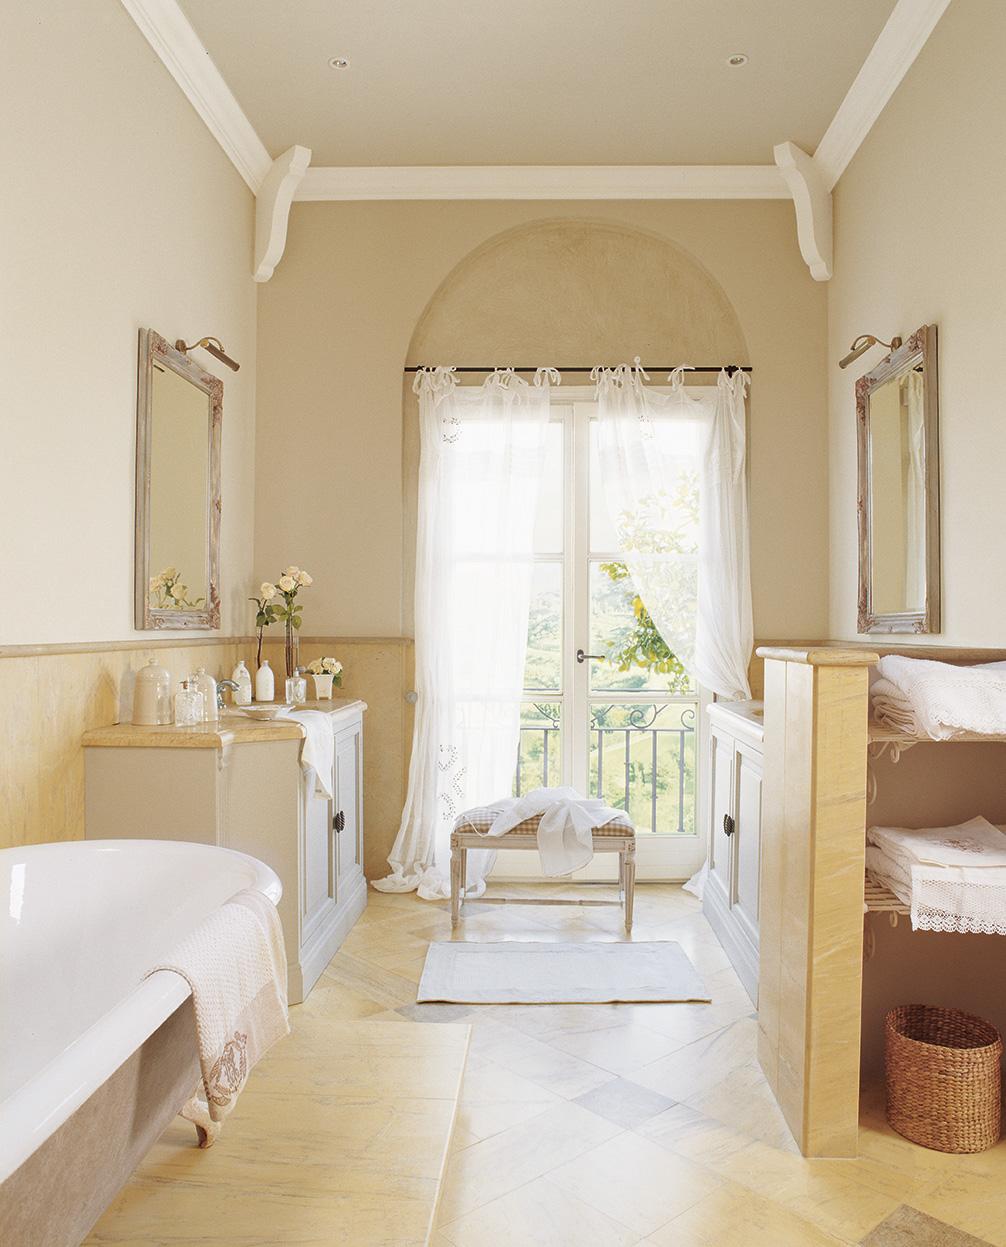 00160207. Baño del dormitorio principal con bañera y dos muebles de lavabo enfrentados_00160207